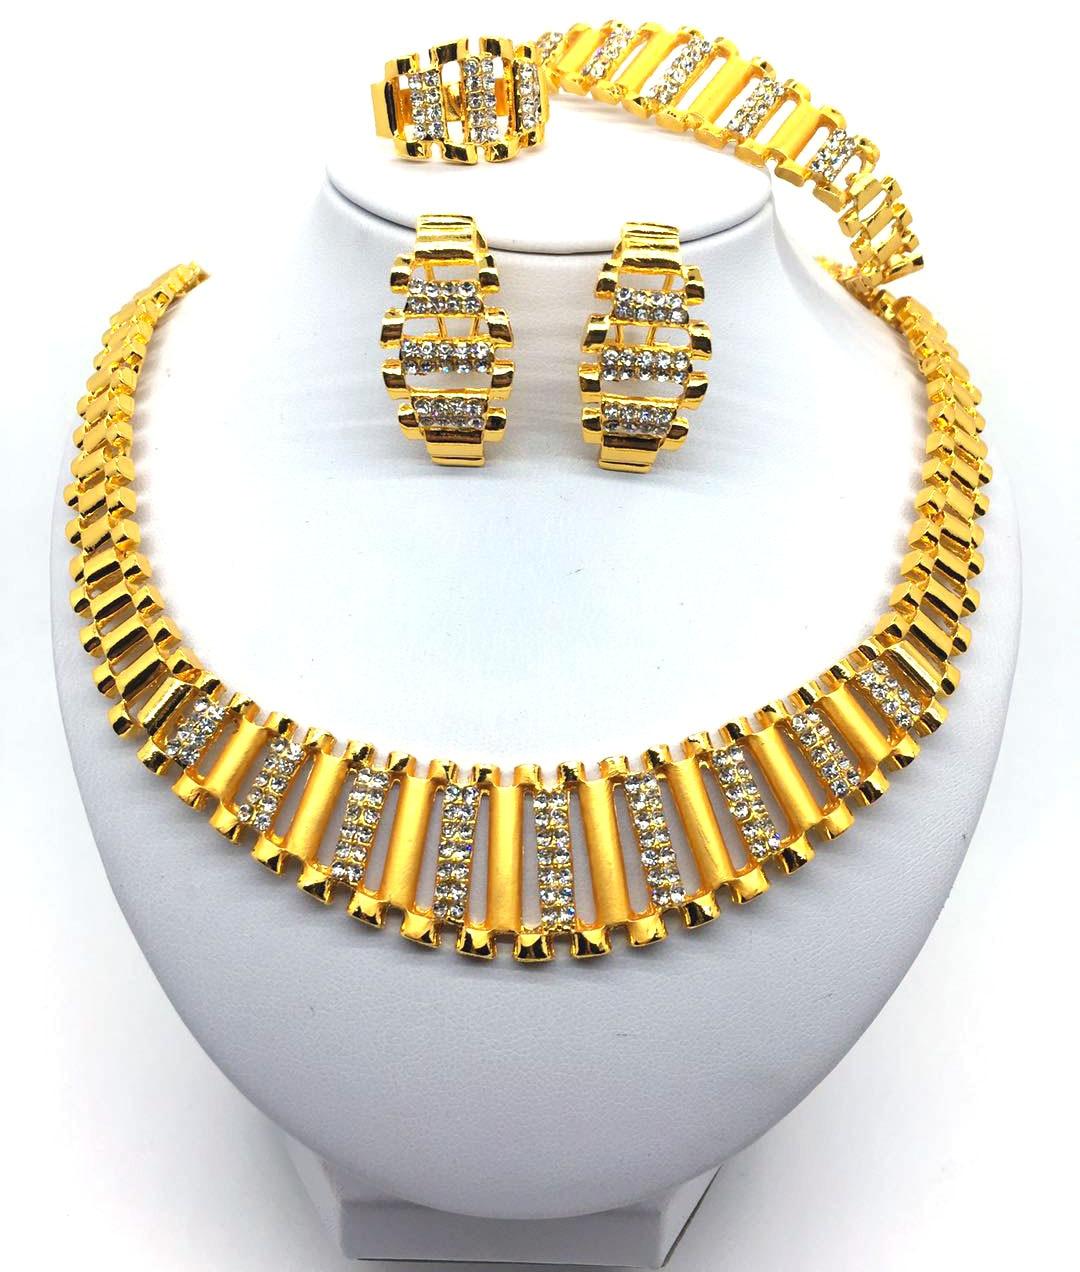 F & Y Jóias 2019 de Noiva Dubai Conjuntos de Jóias de Ouro de Design Criativo de Cristal Colar Pulseira Brincos Charme Presente Jóias Mulheres